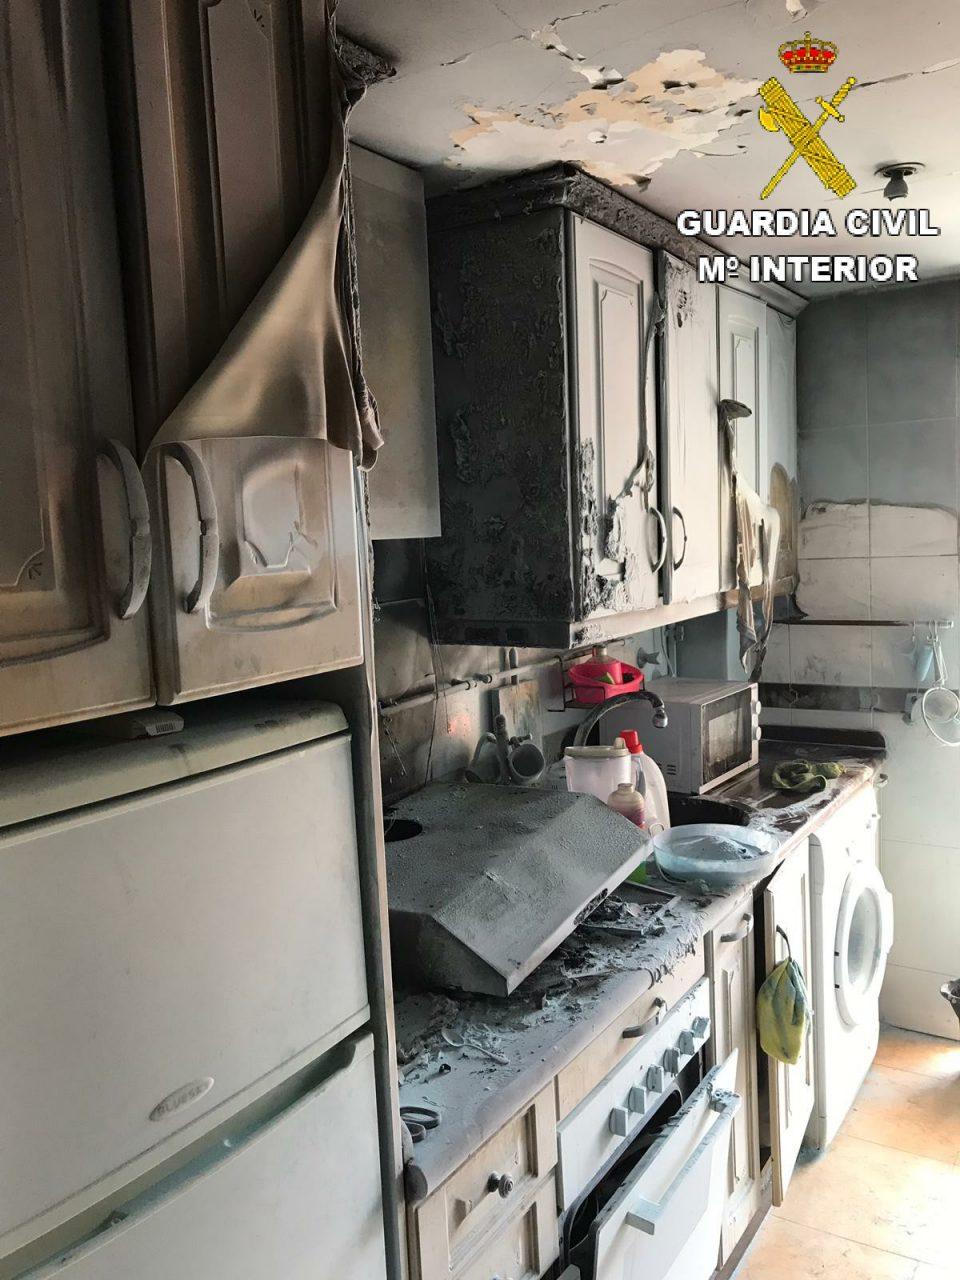 Dos guardias civiles fuera de servicio sofocan un incendio en una vivienda de Almoradí 6